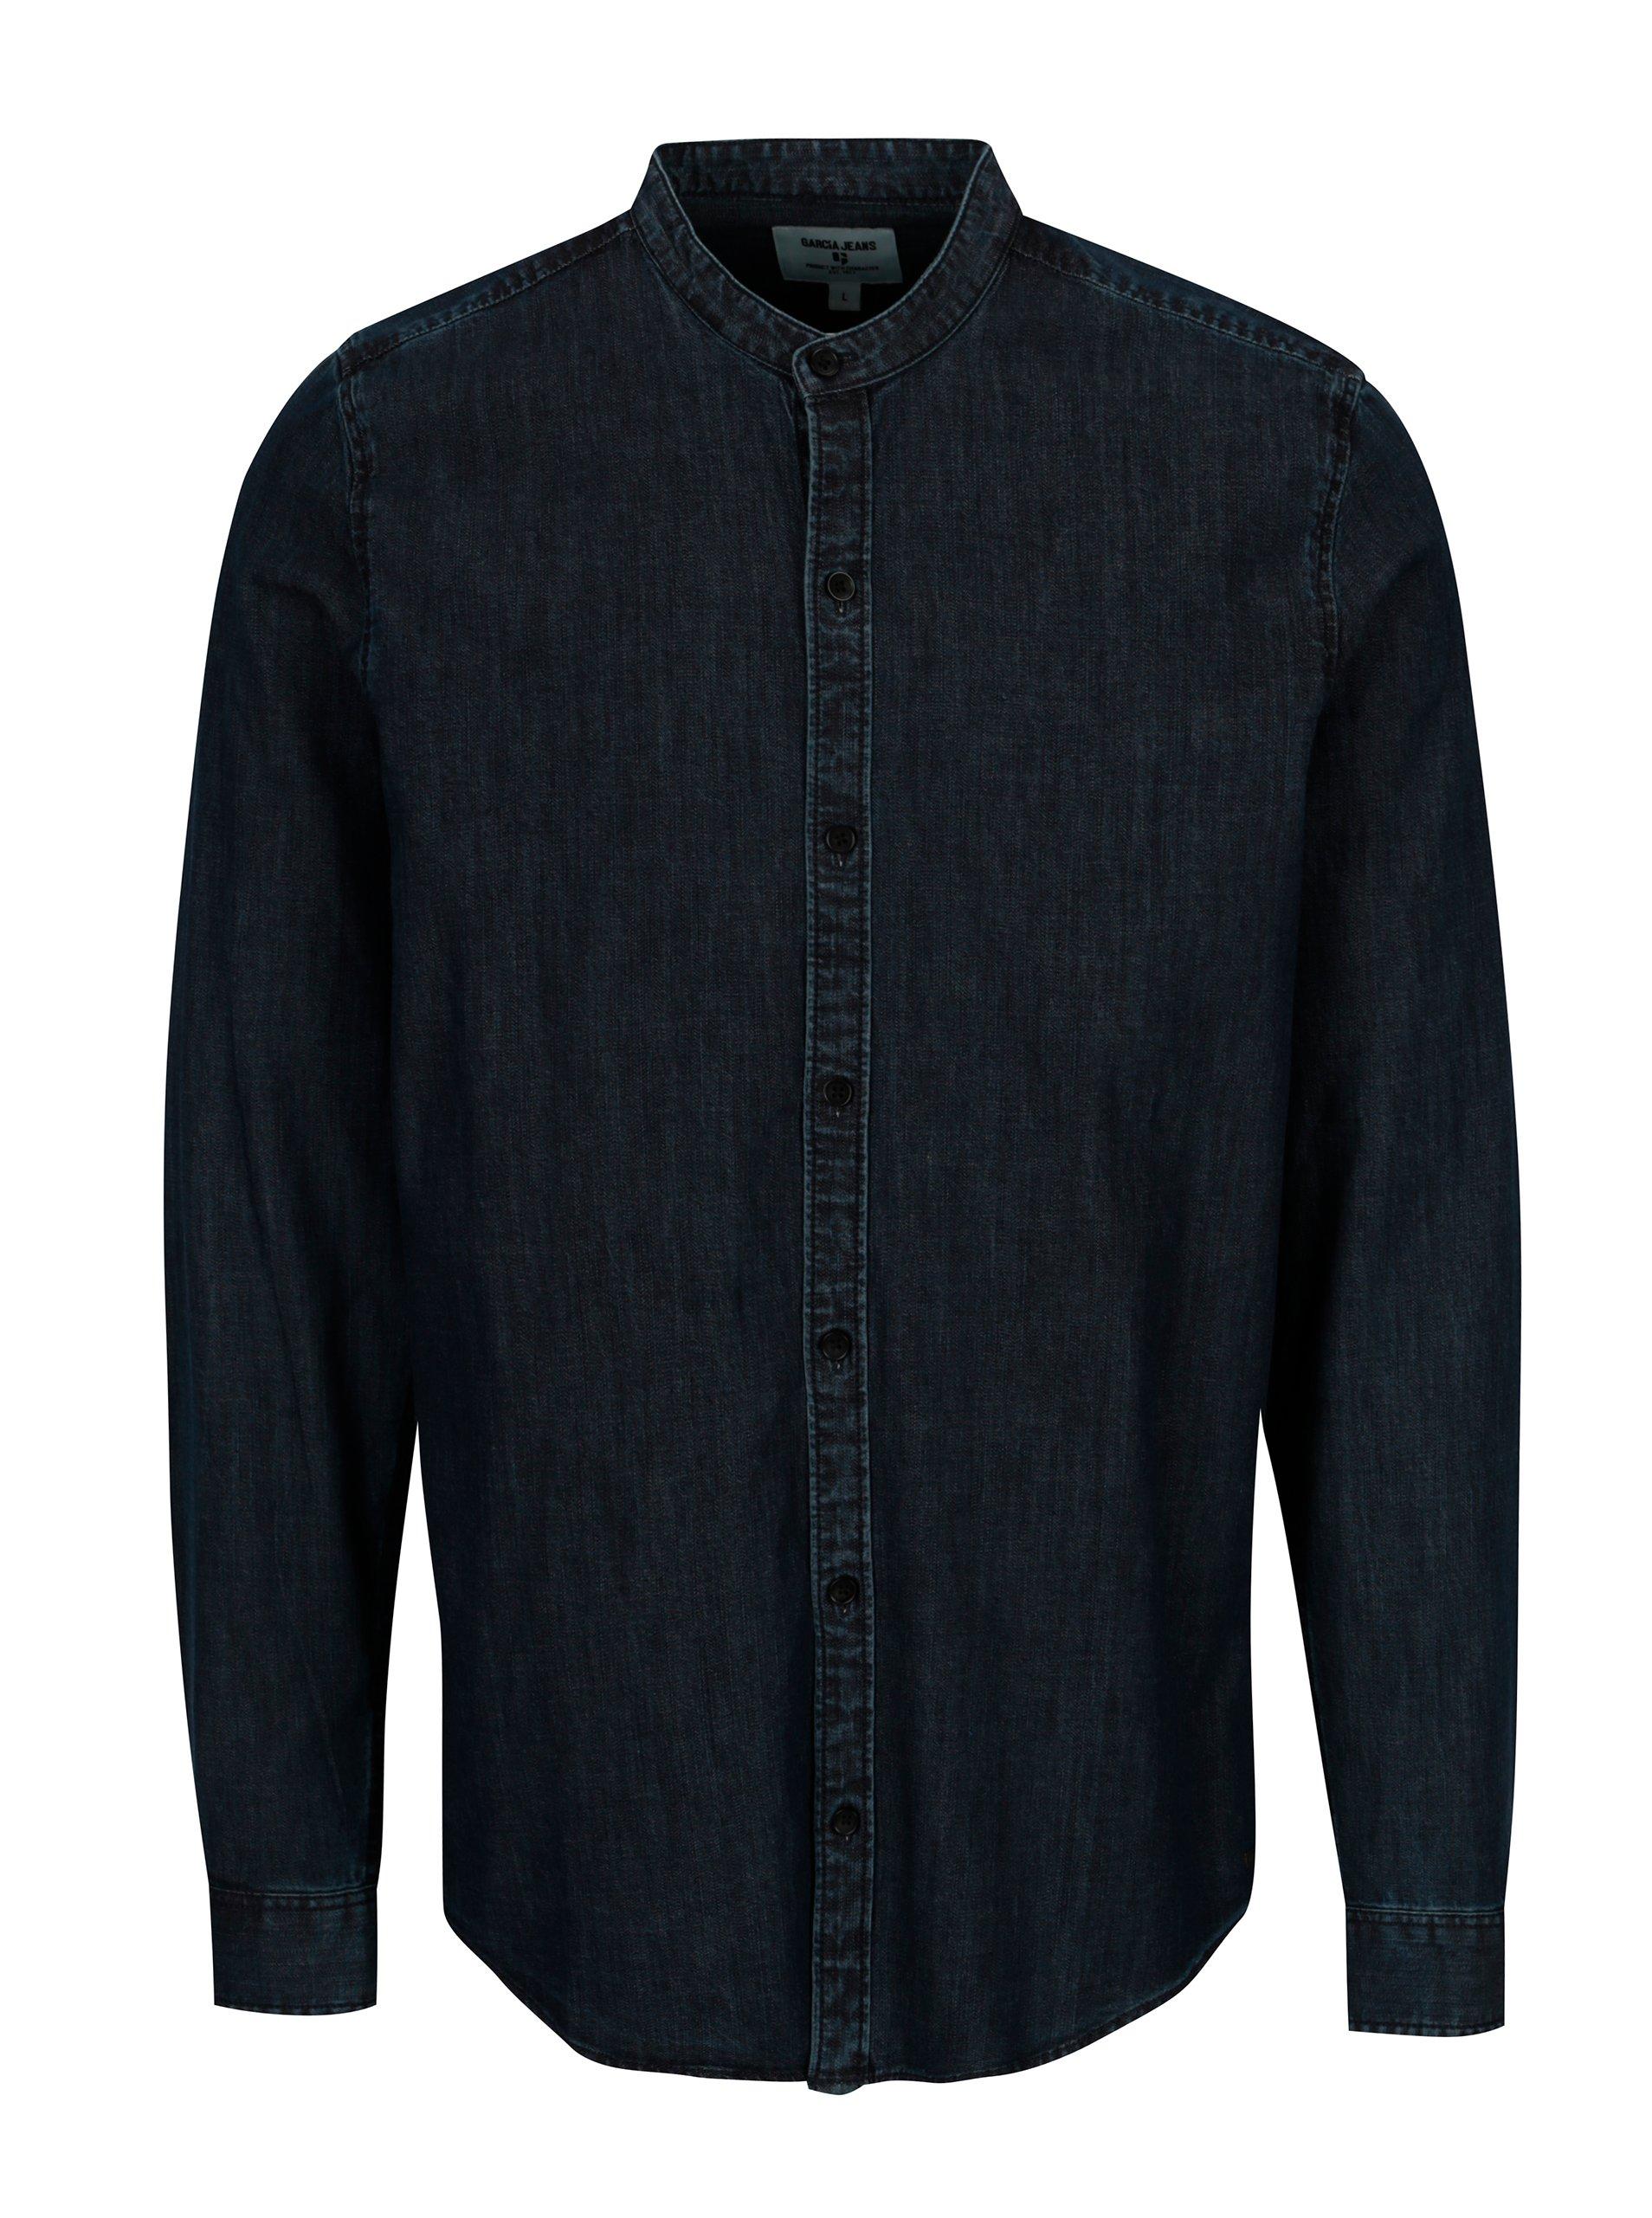 ca13a033edfb Tmavě modrá pánská džínová košile Garcia Jeans